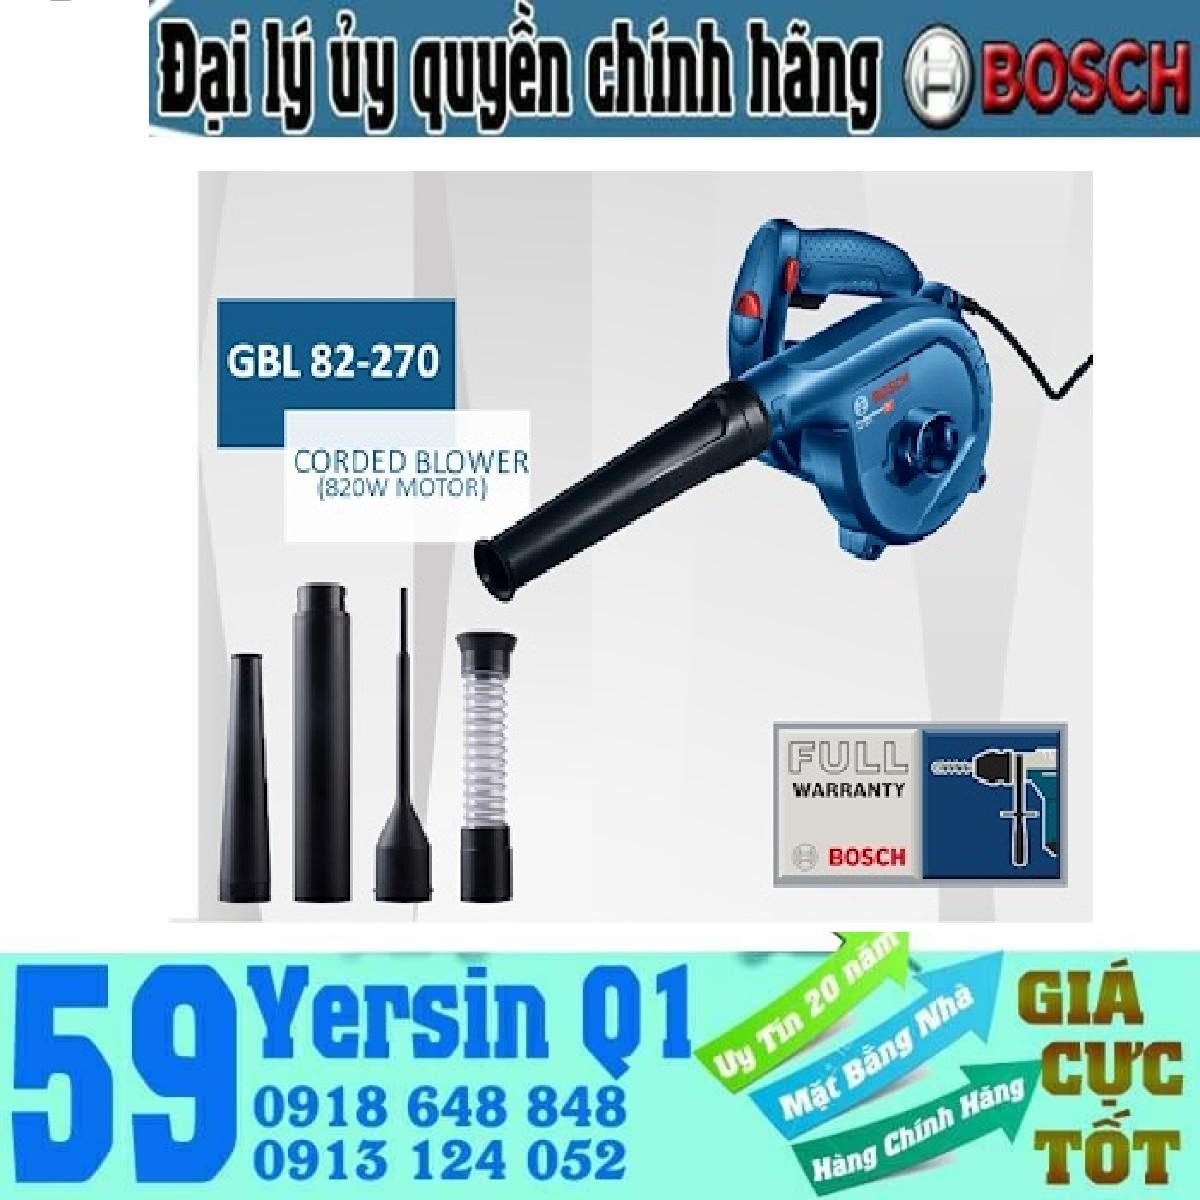 Hình ảnh Máy Thổi Bụi Bosch GBL 82-270 820W